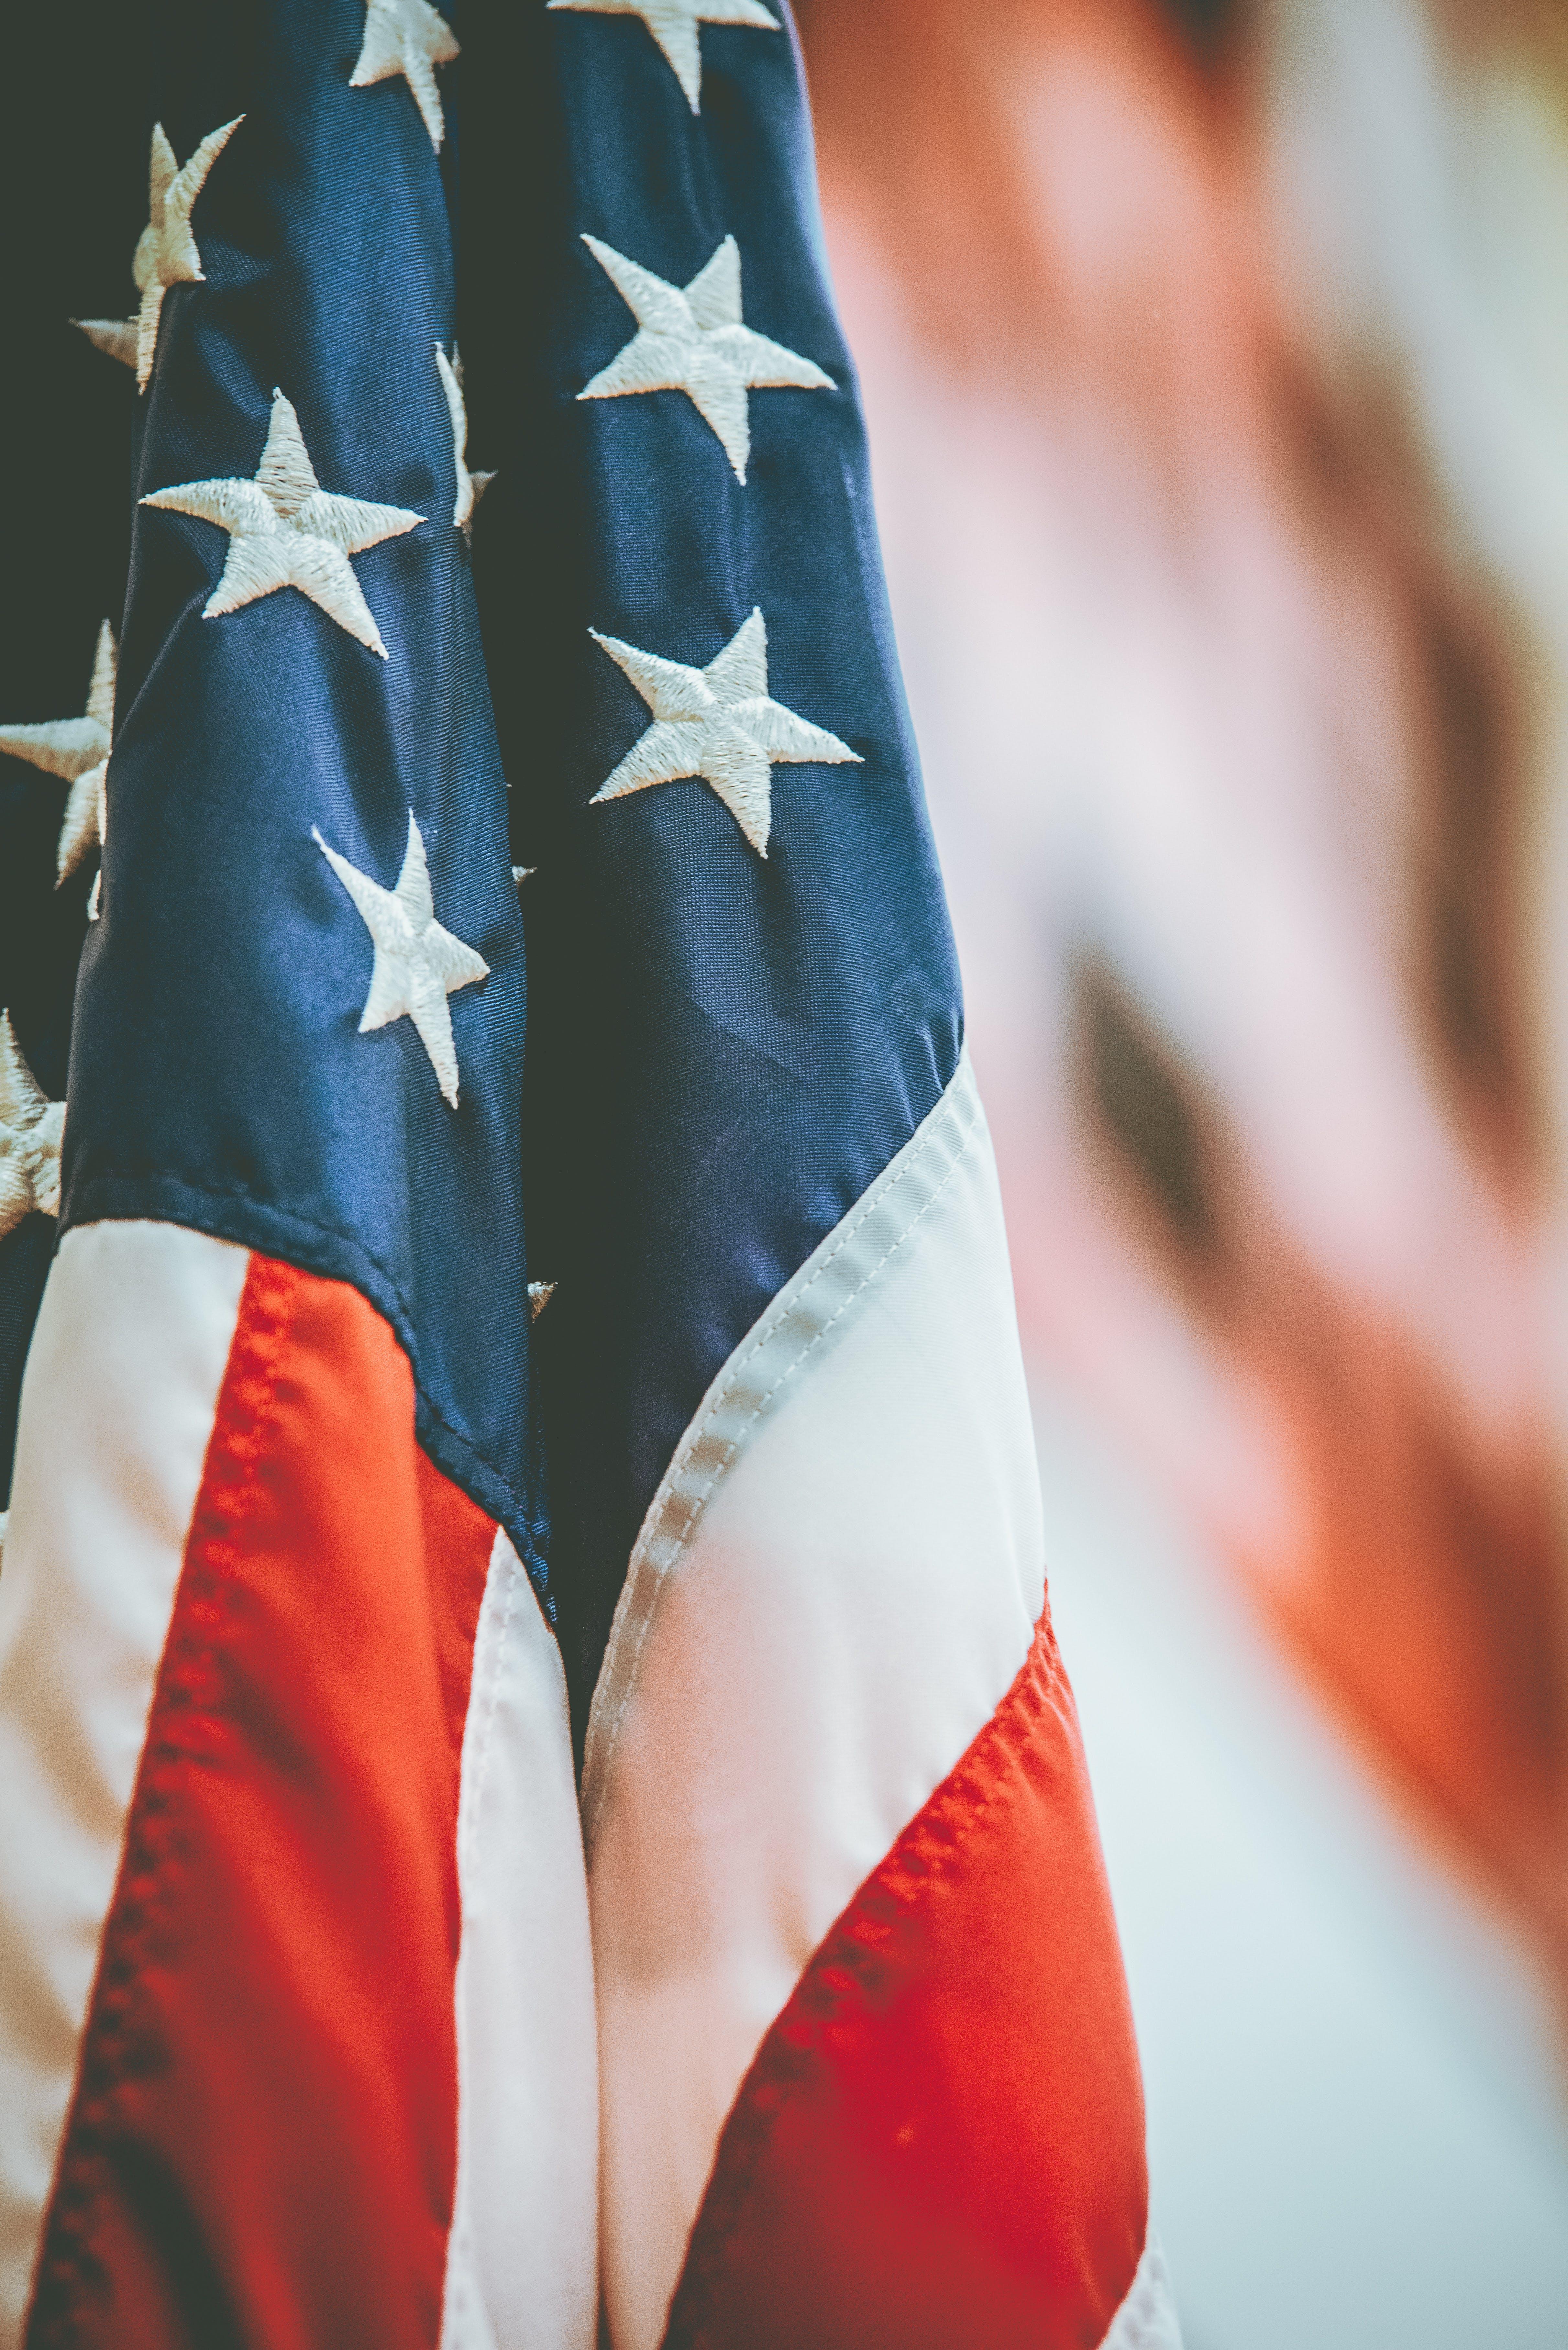 Gratis lagerfoto af administration, amerika, Amerikansk flag, close-up